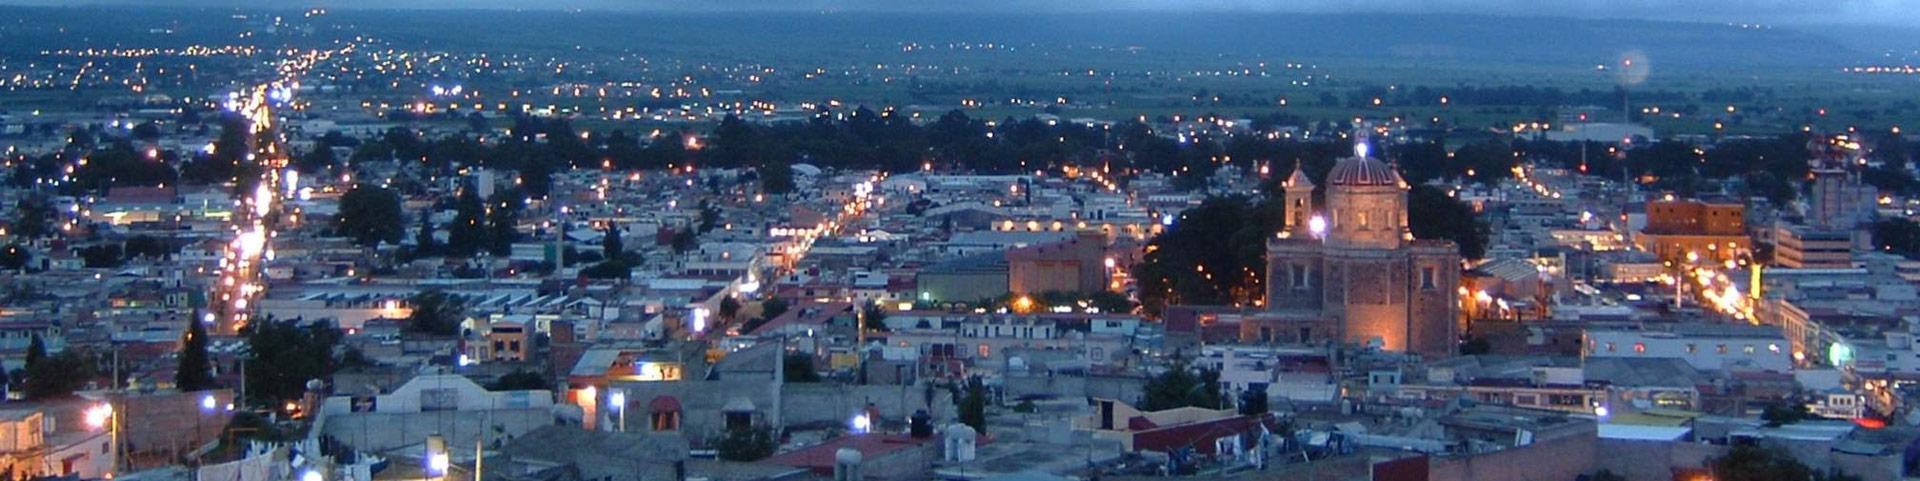 Un Paseo Por Tulancingo Hidalgo Pueblos Magicos De Mexico # Muebles Tulancingo